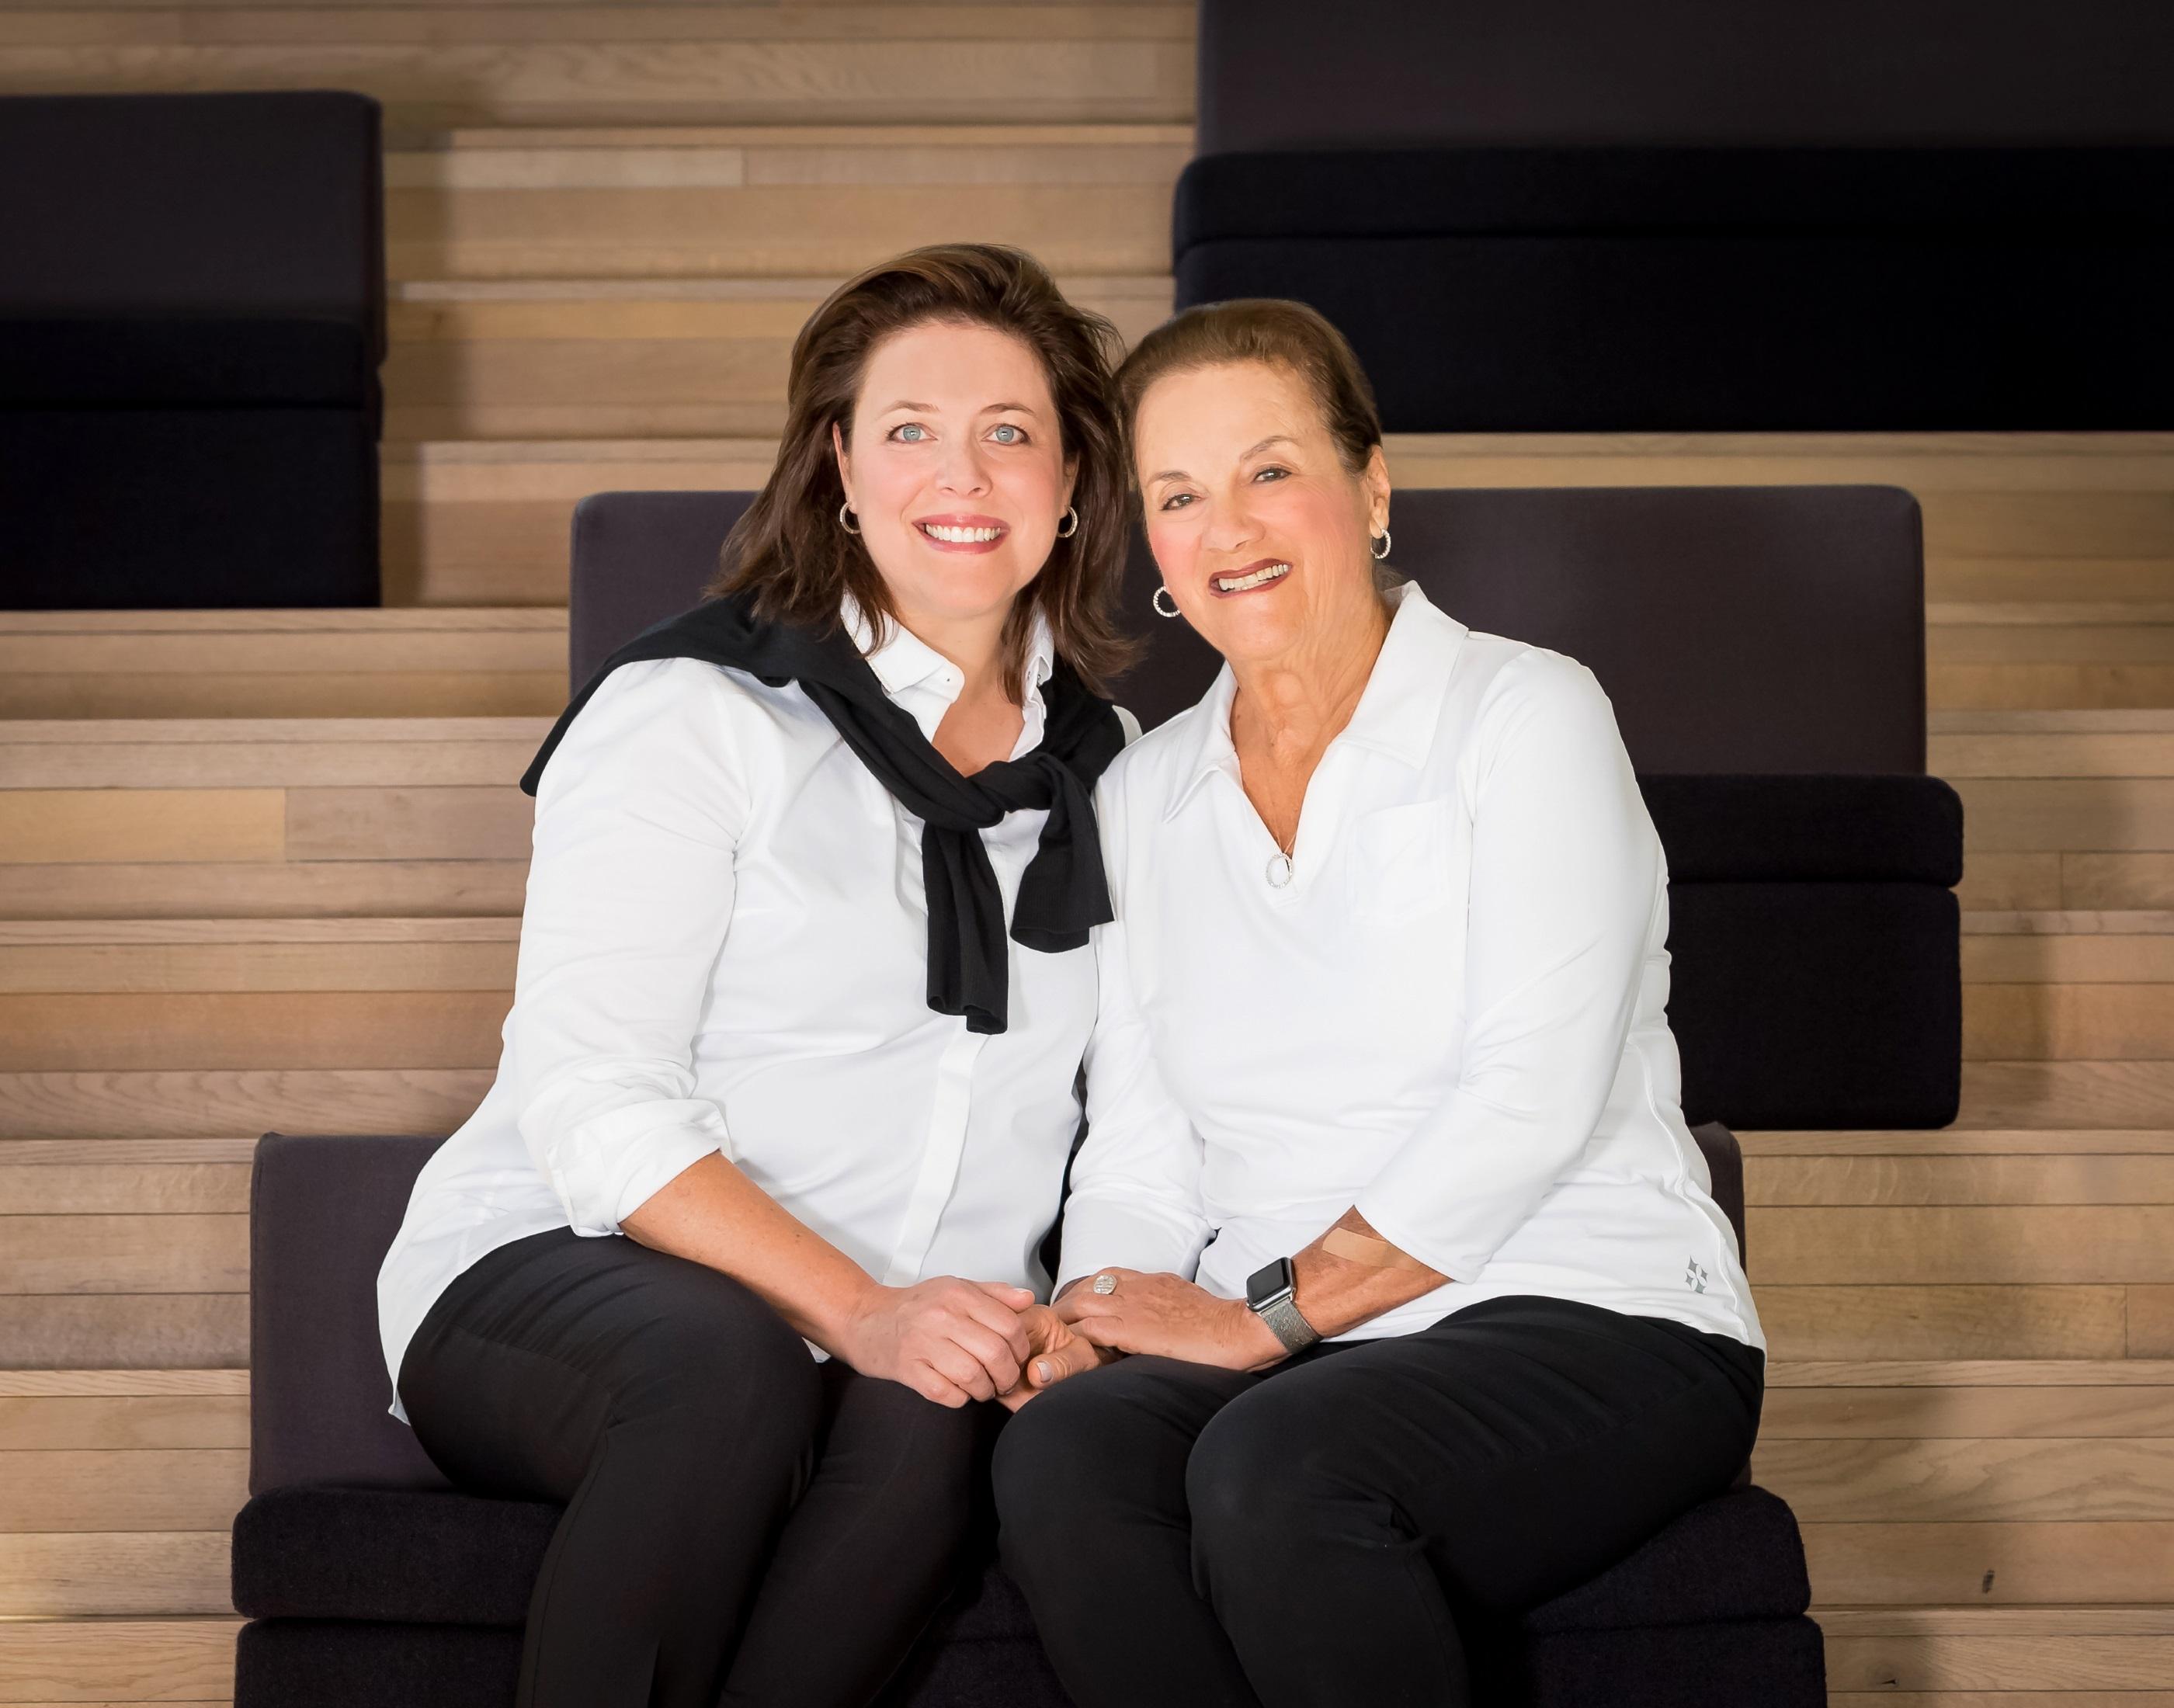 Meet Julie and Cathy Deutsch - Real Estate Brokers